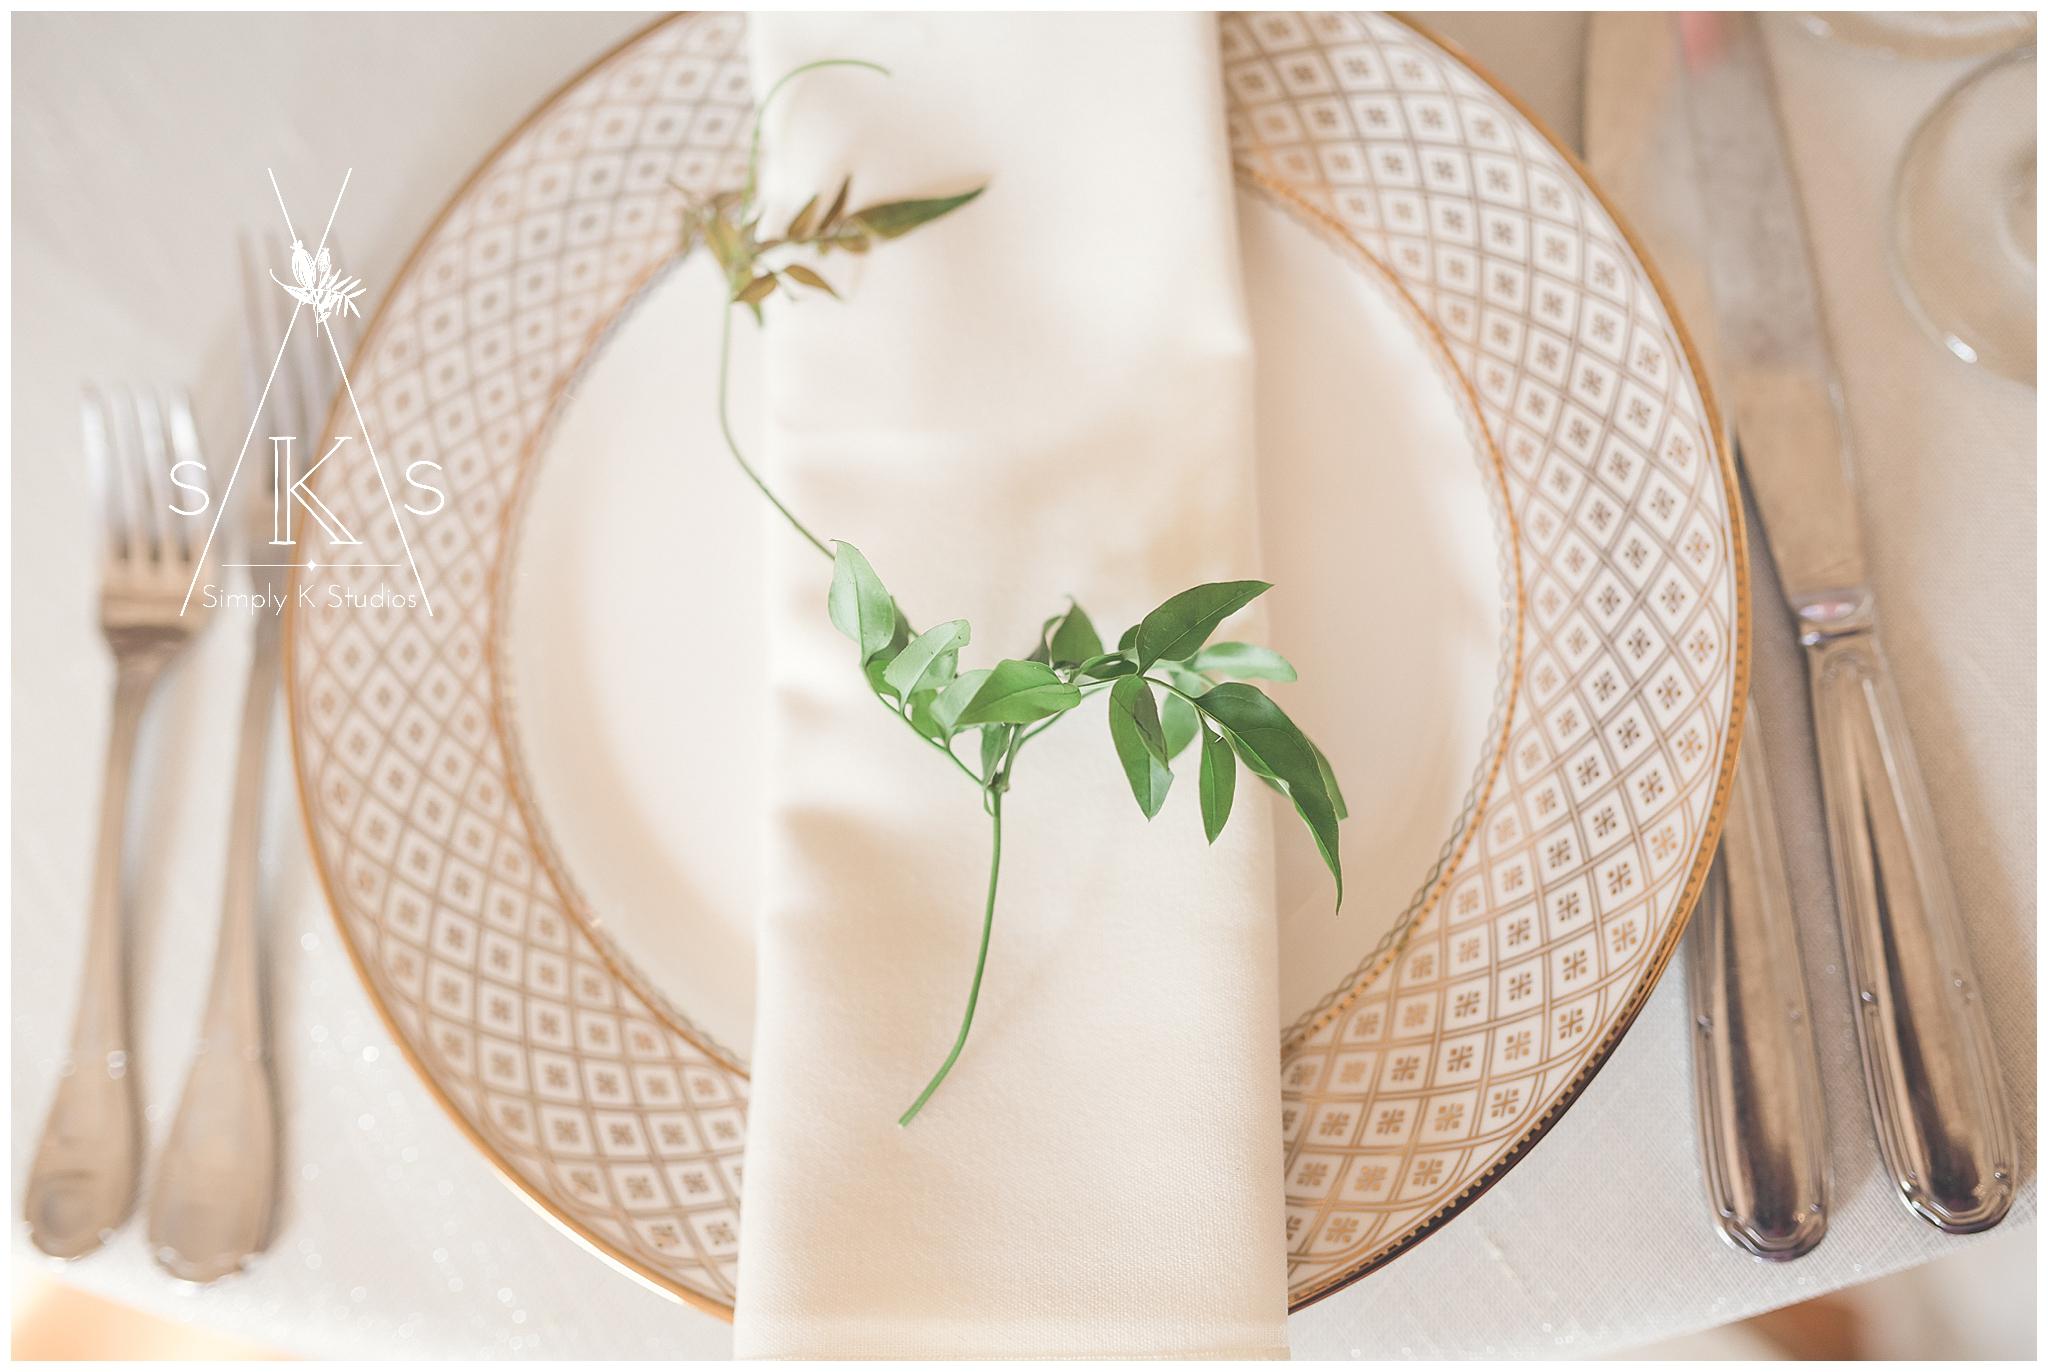 Unique floral ideas for a wedding